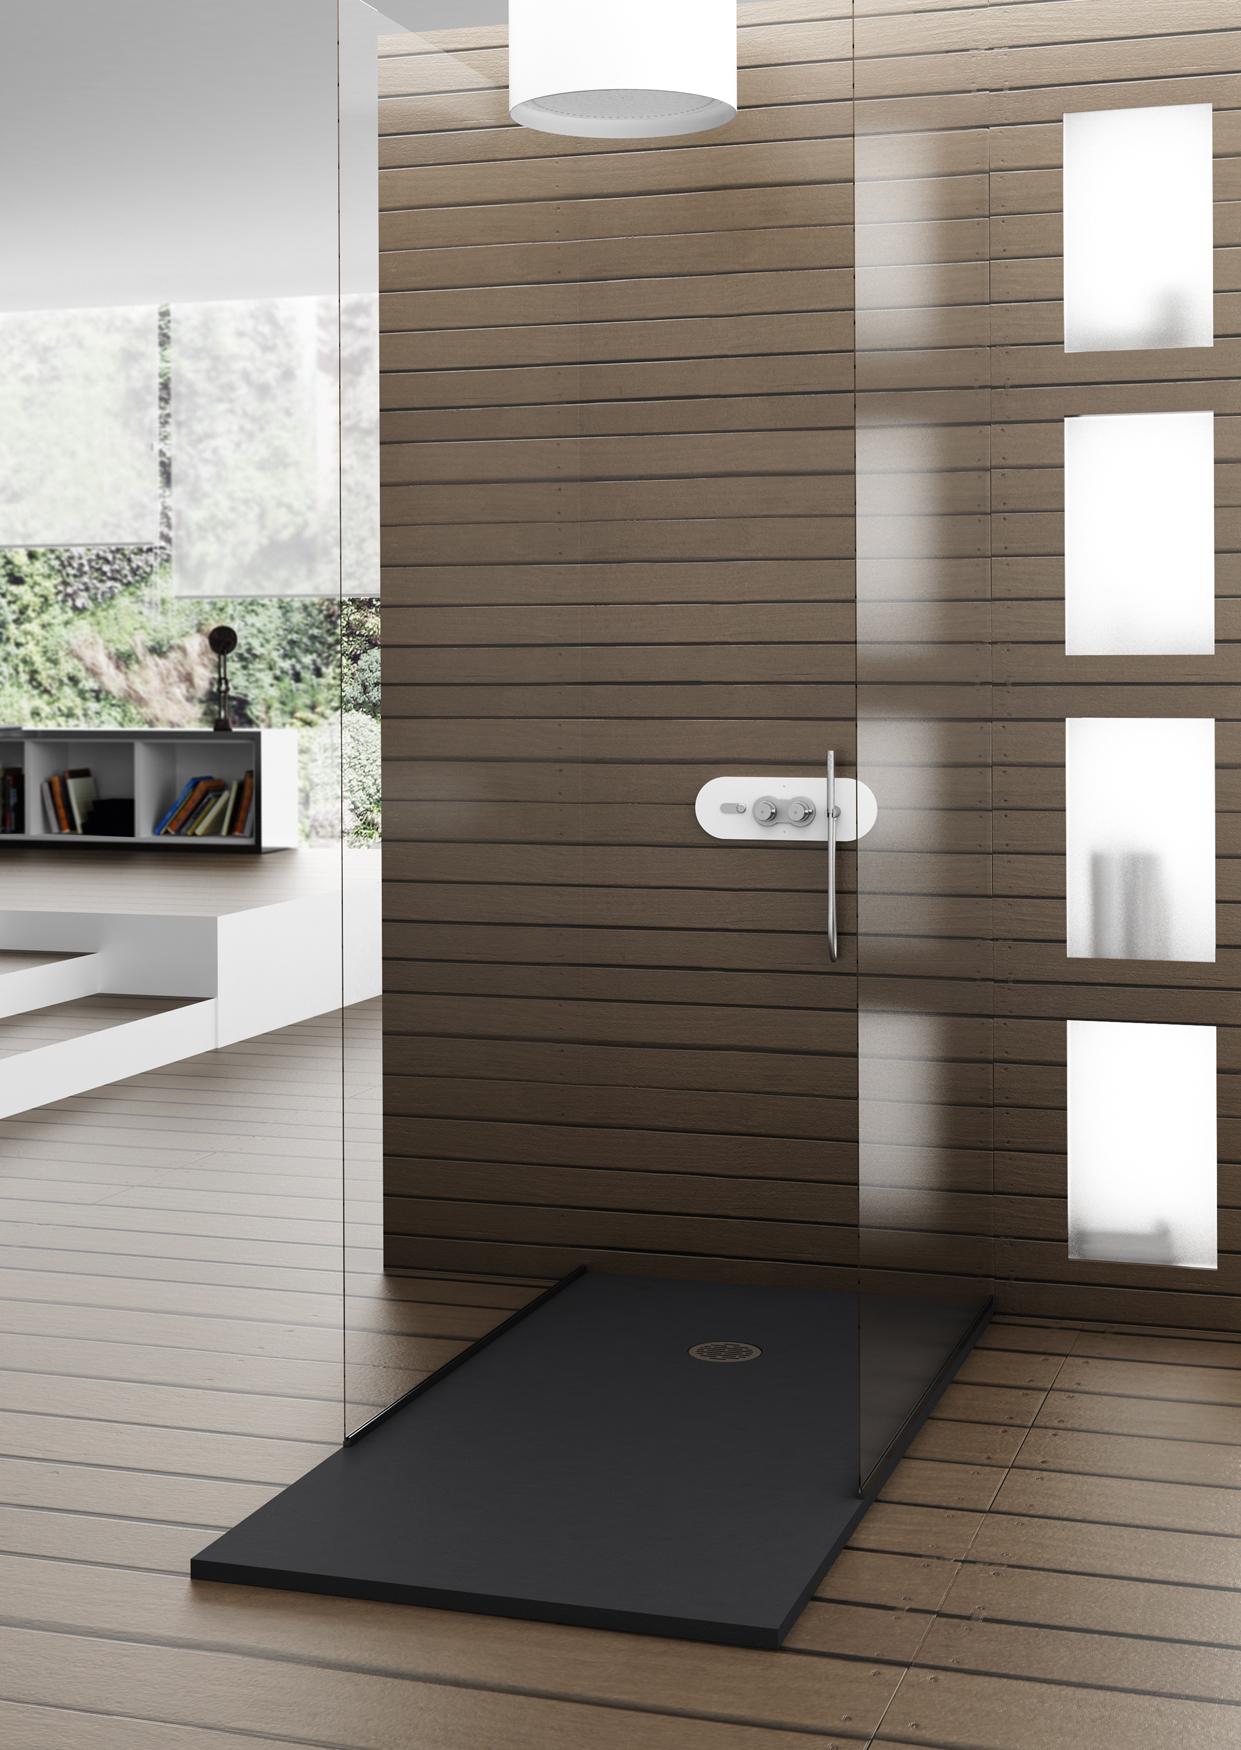 Hidrobox hoogwaardige en eigentijdse douchevloeren voorlichtingsburo wonen - Eigentijdse douche ...